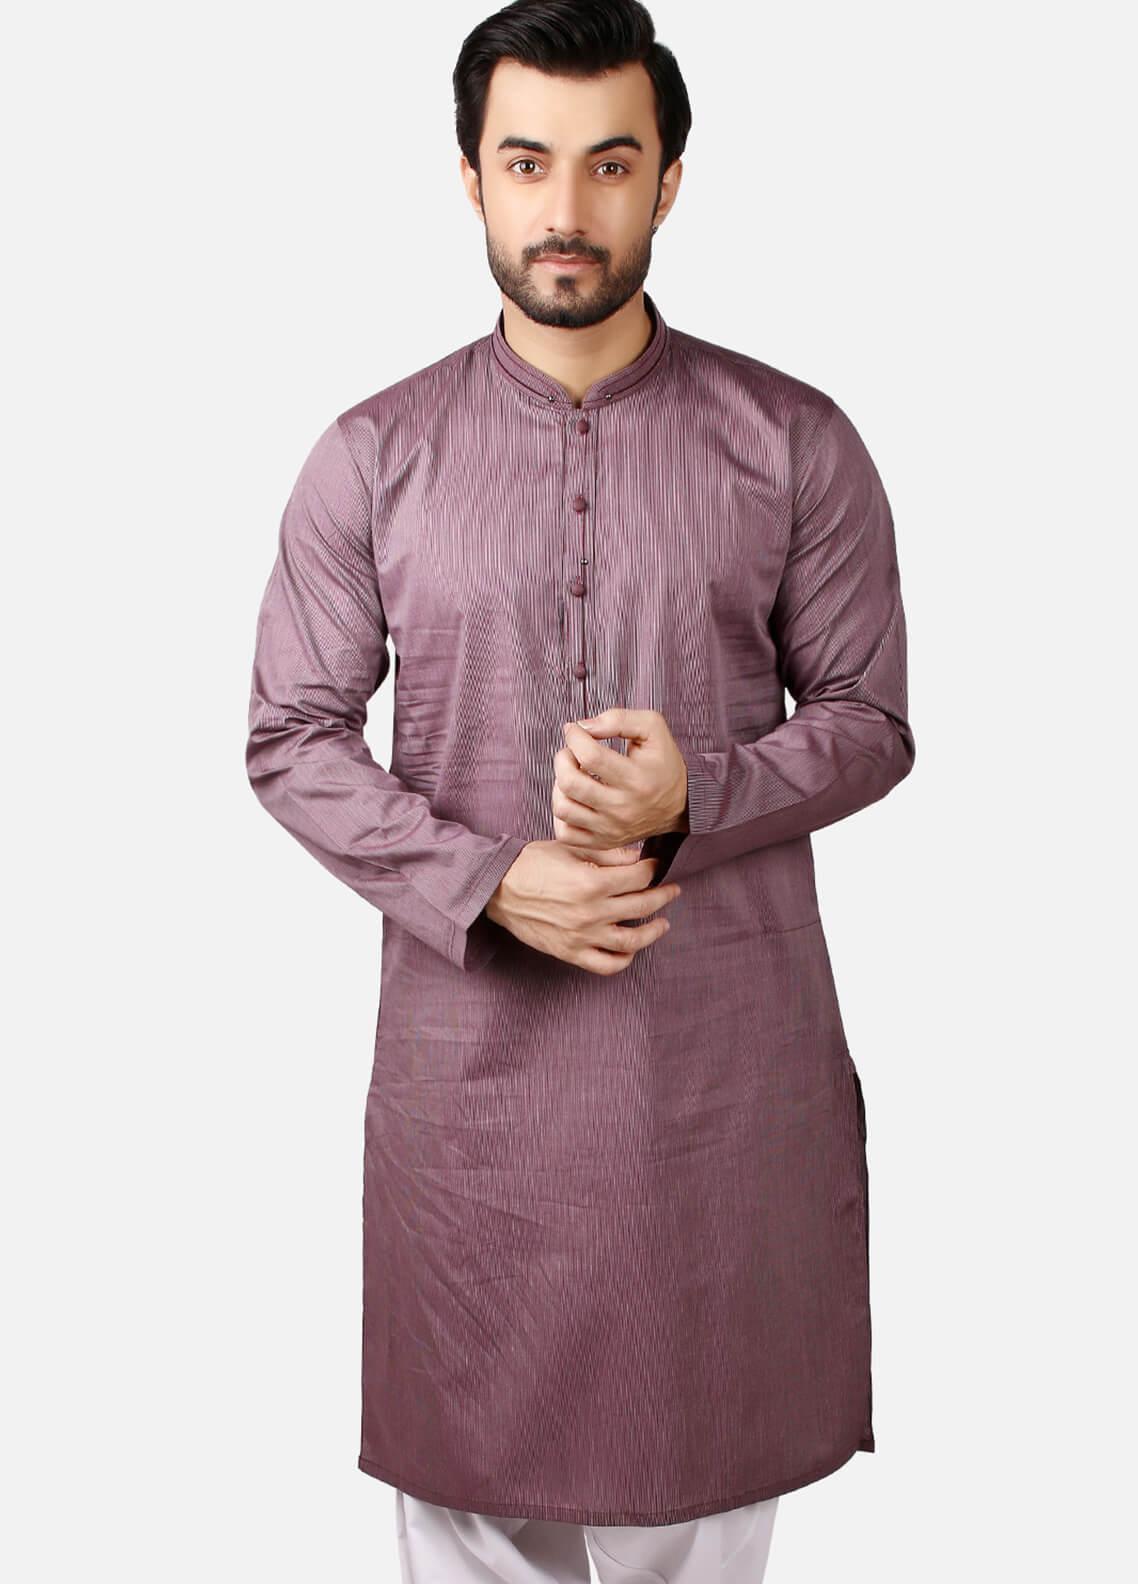 Edenrobe Cotton Formal Kurtas for Men - Purple EMTK18S-9665